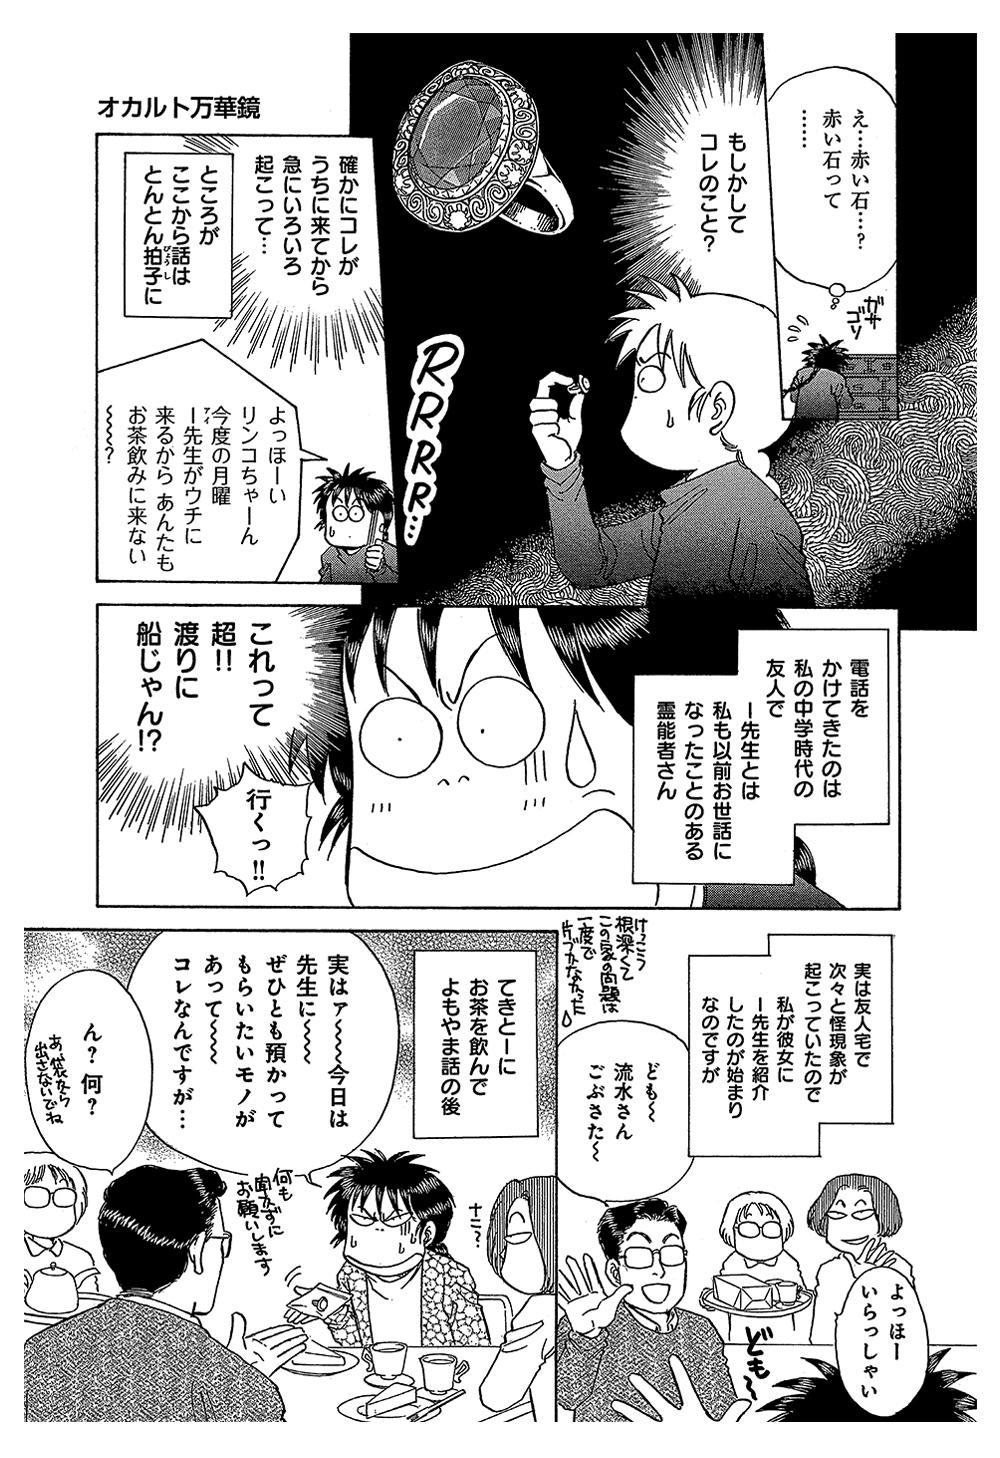 オカルト万華鏡 第1話 ①oka09.jpg